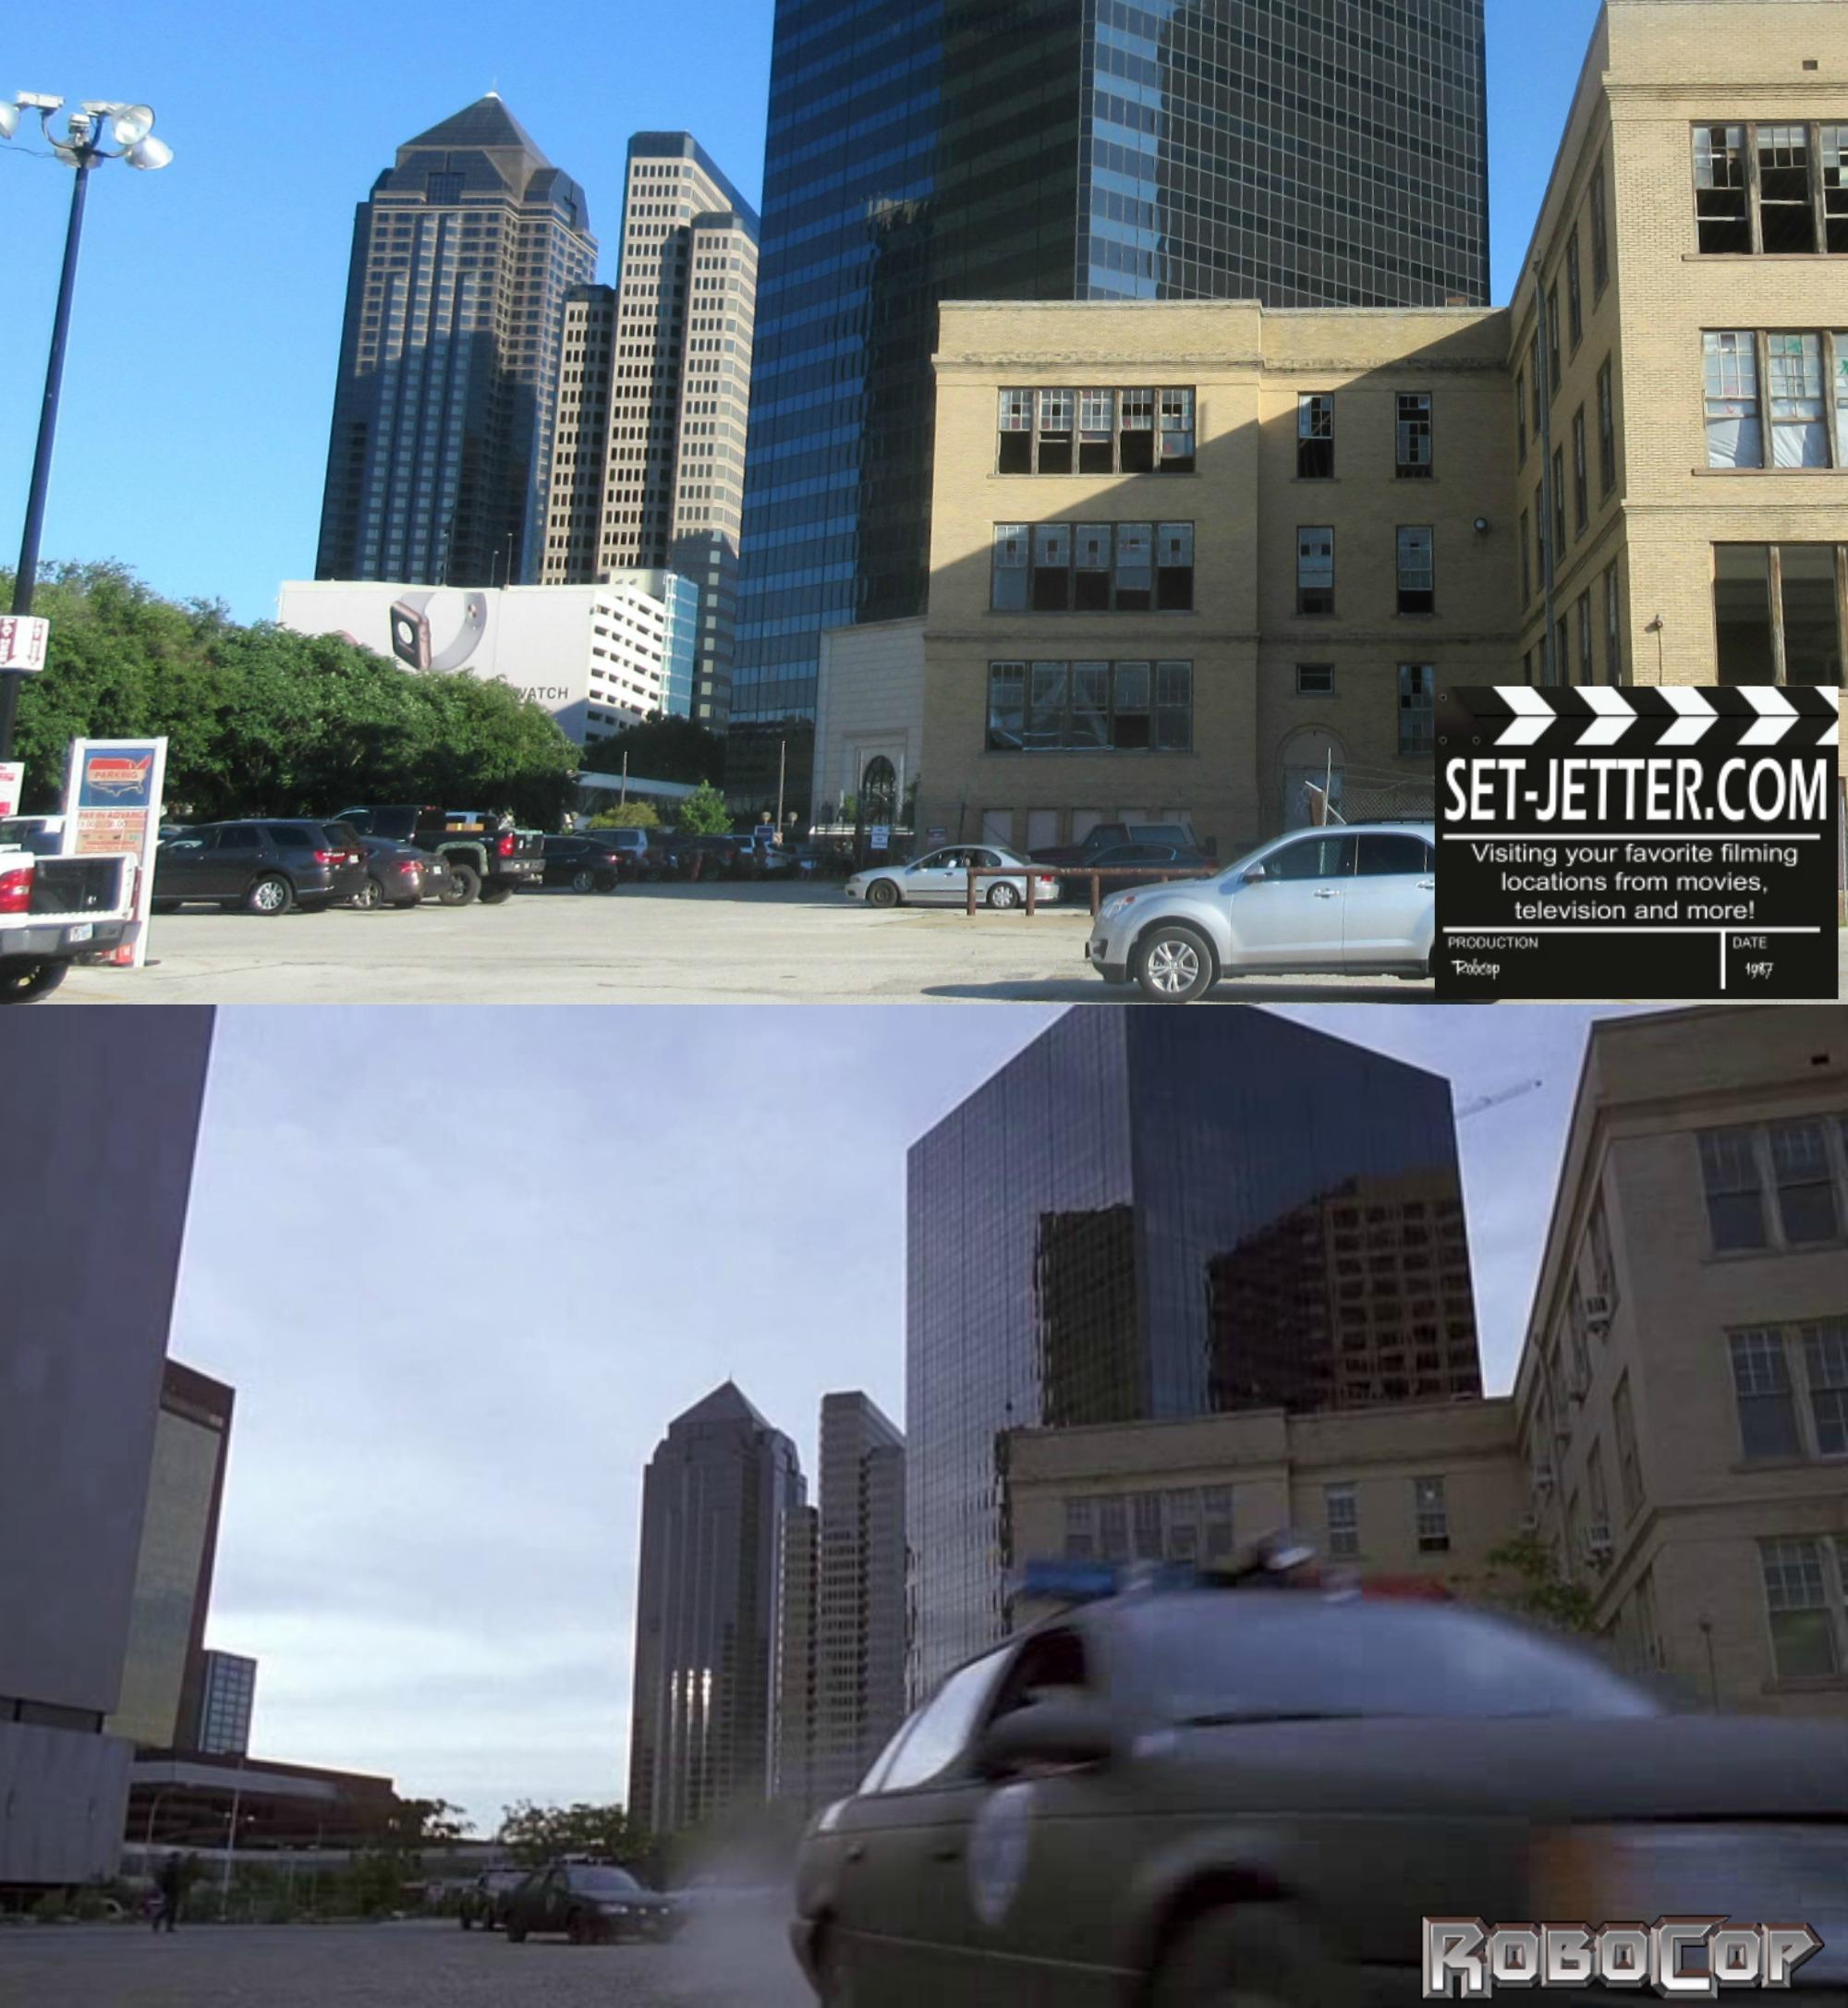 Robocop comparison 03.jpg